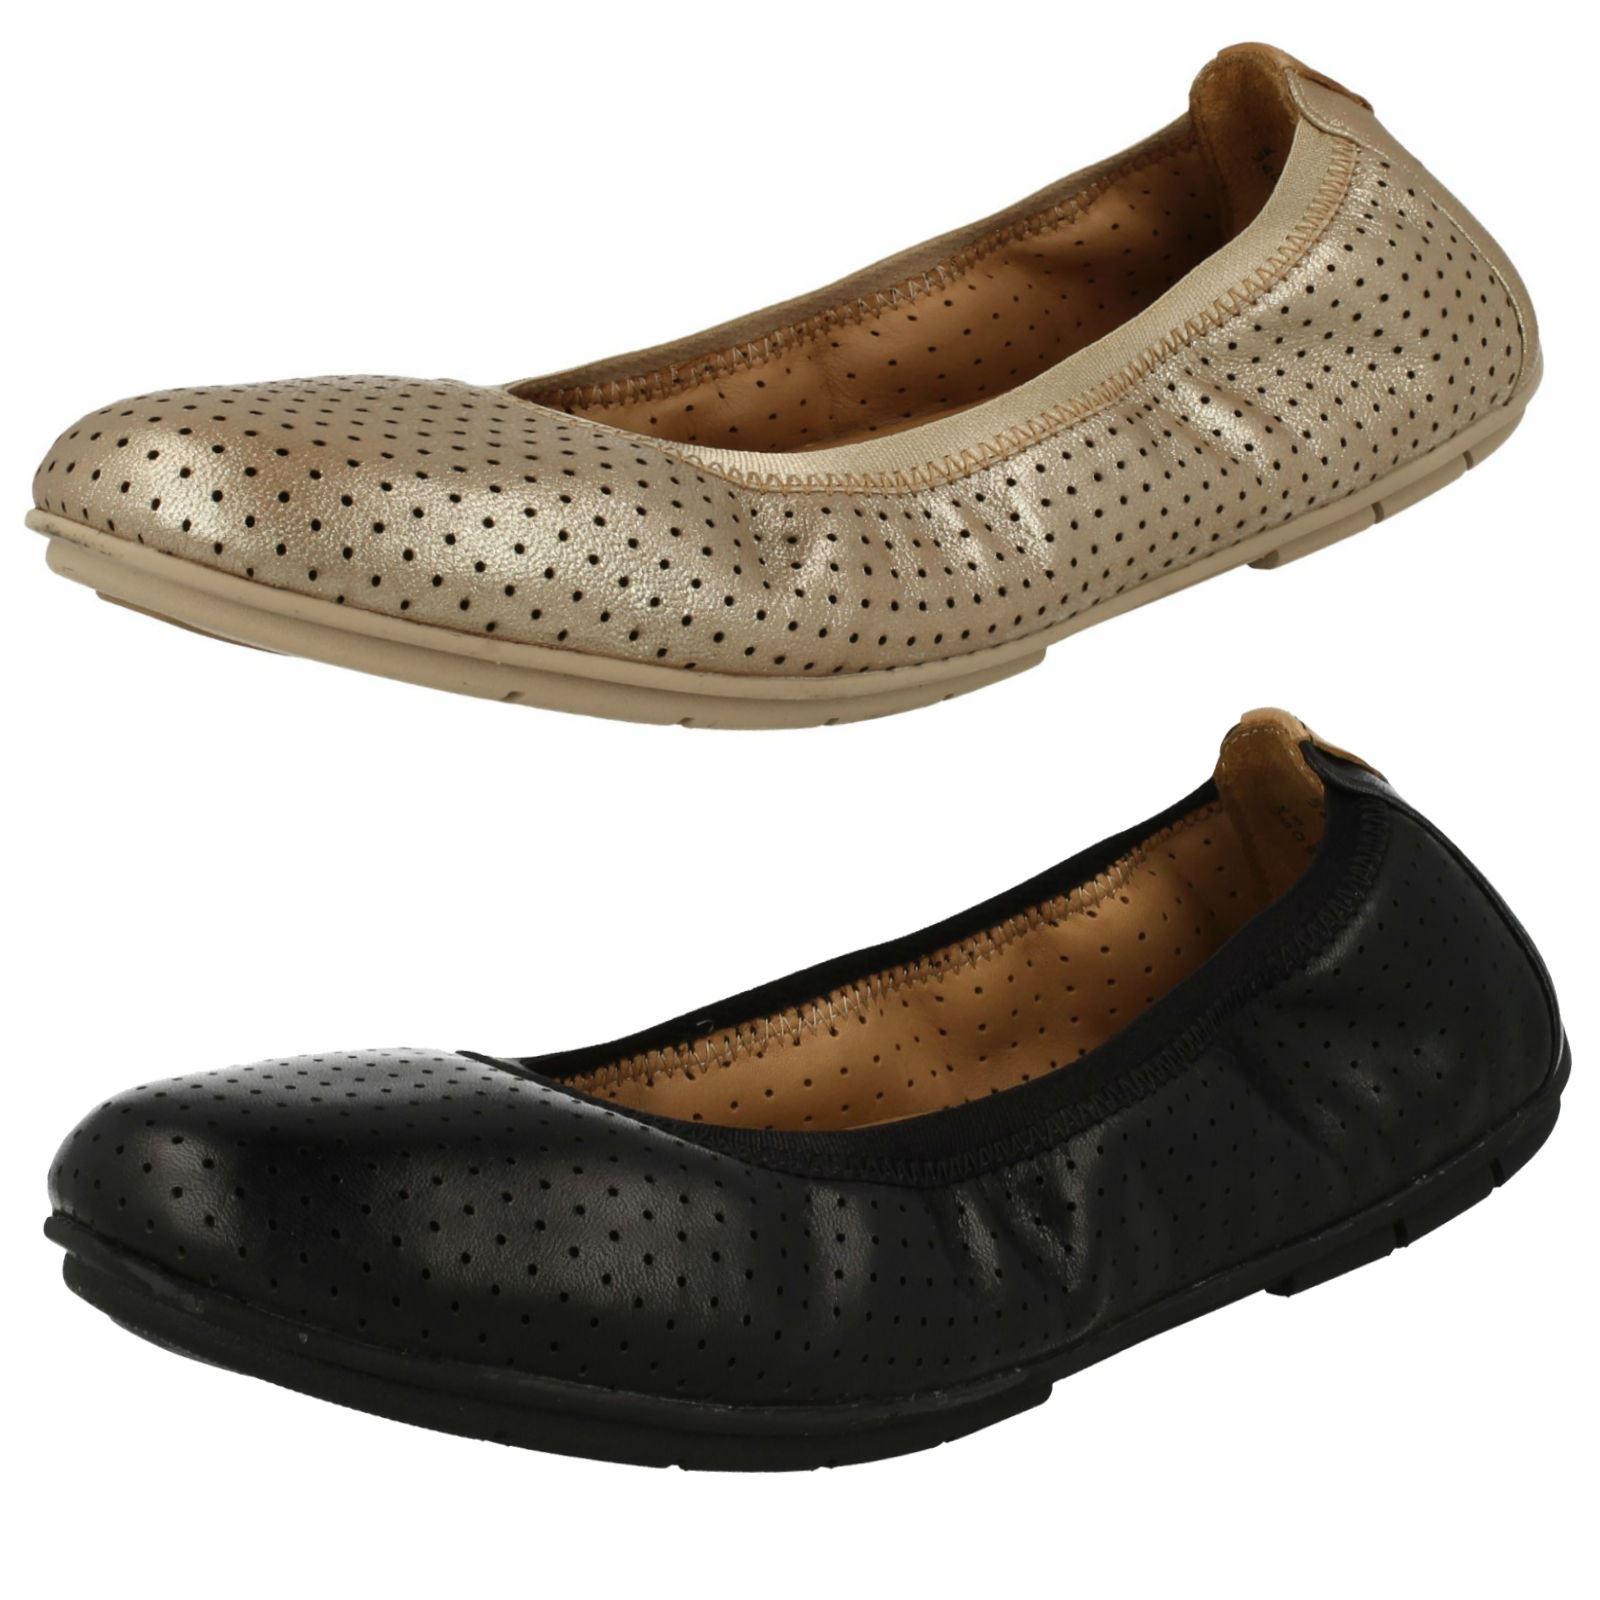 Clarks Mujer Zapato Step Allena Mar Negro Ropa, calzado y